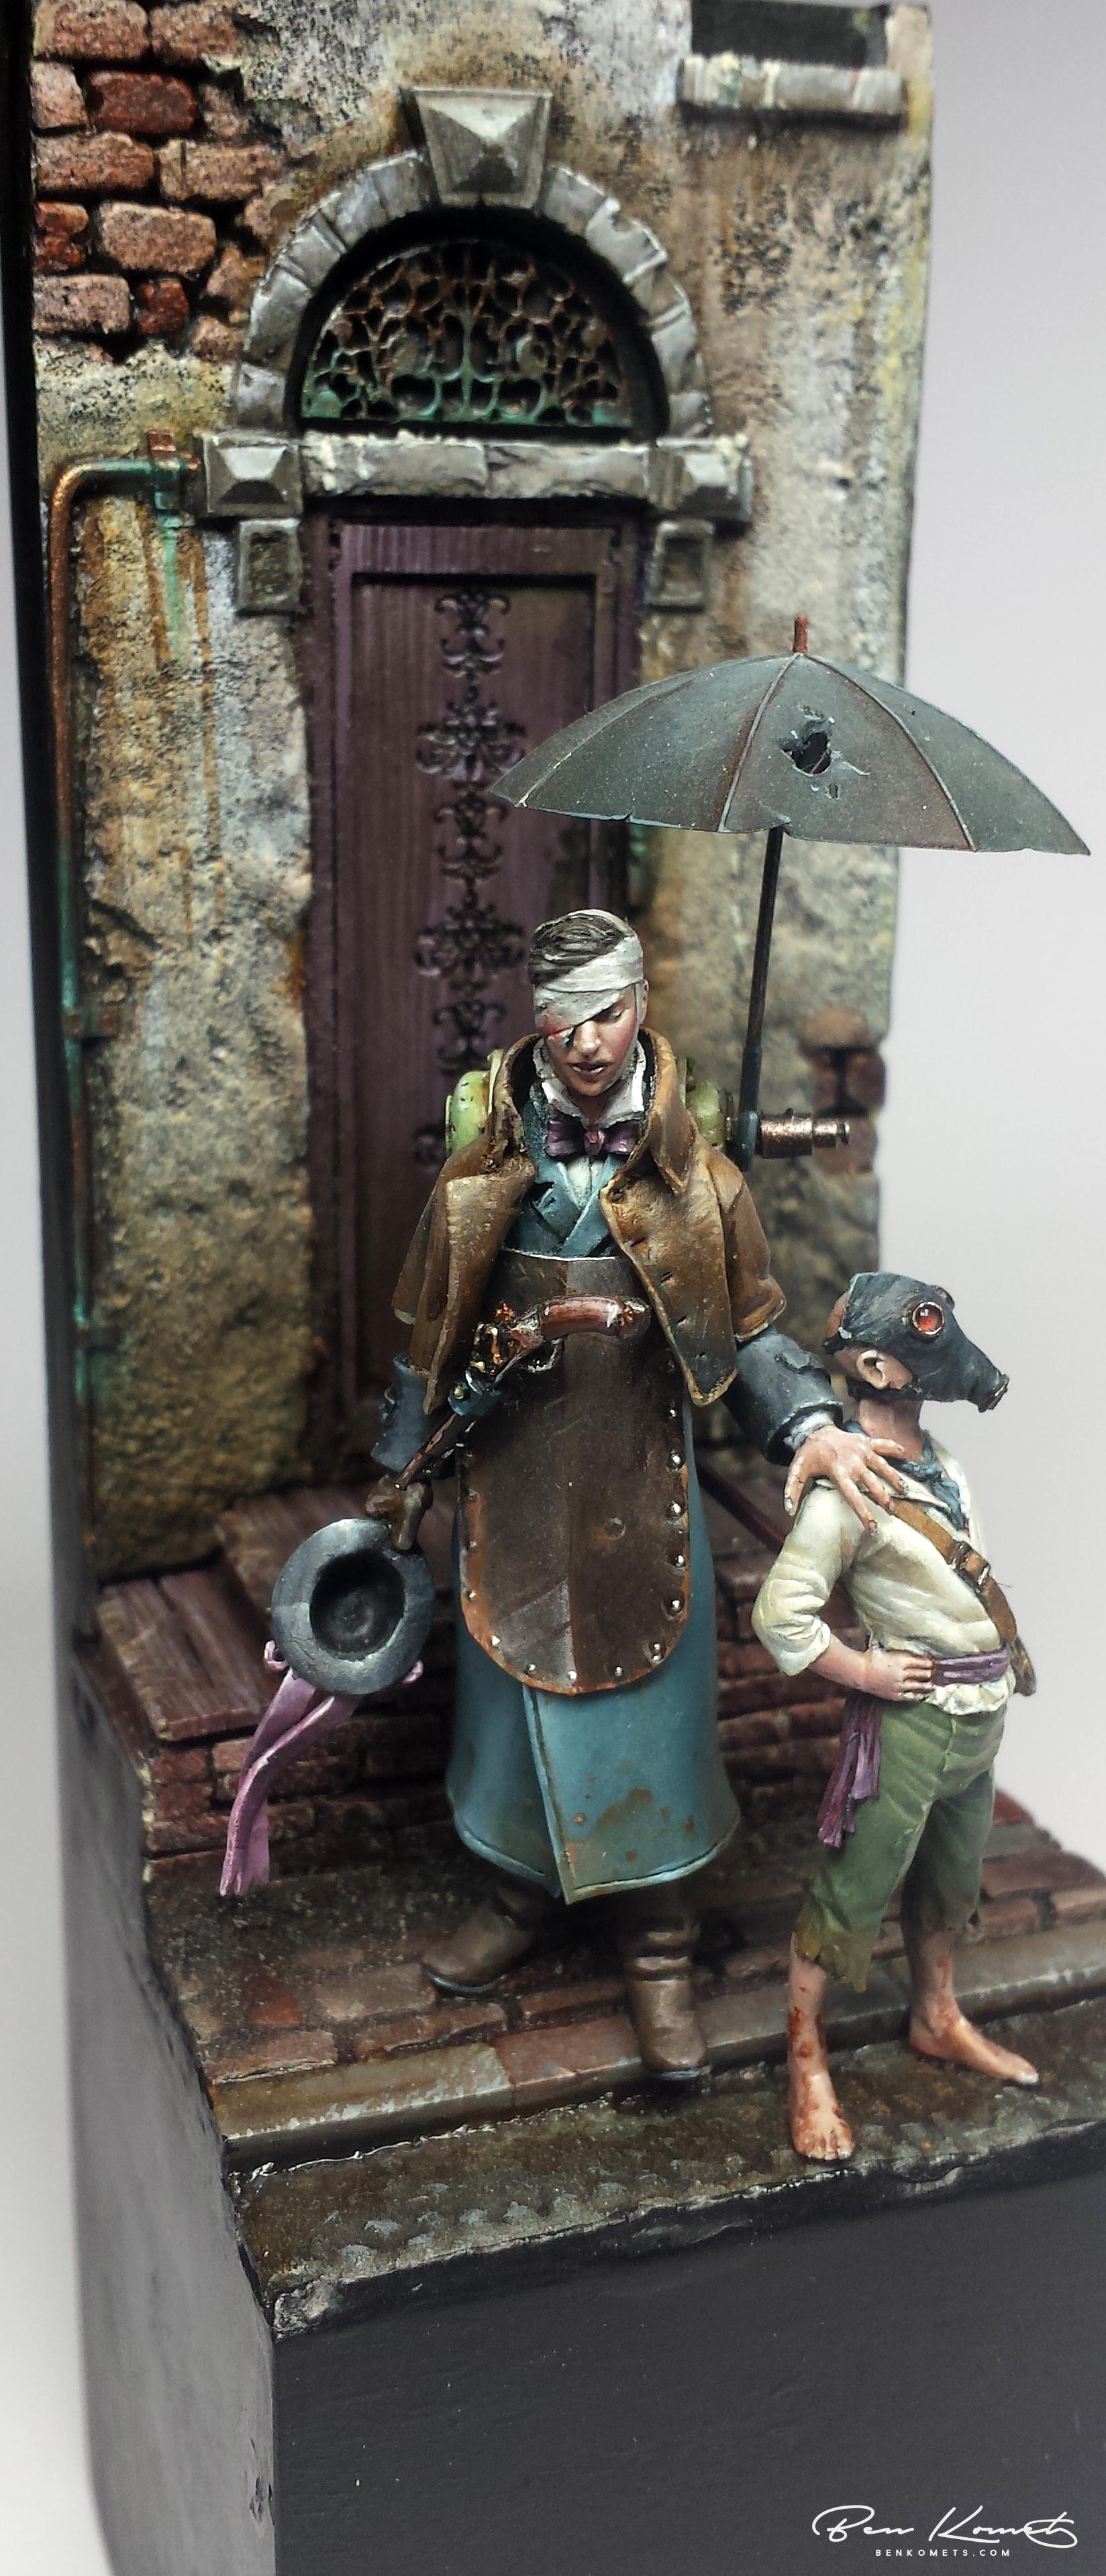 Steampunk Diorama Ndash Ben Komets